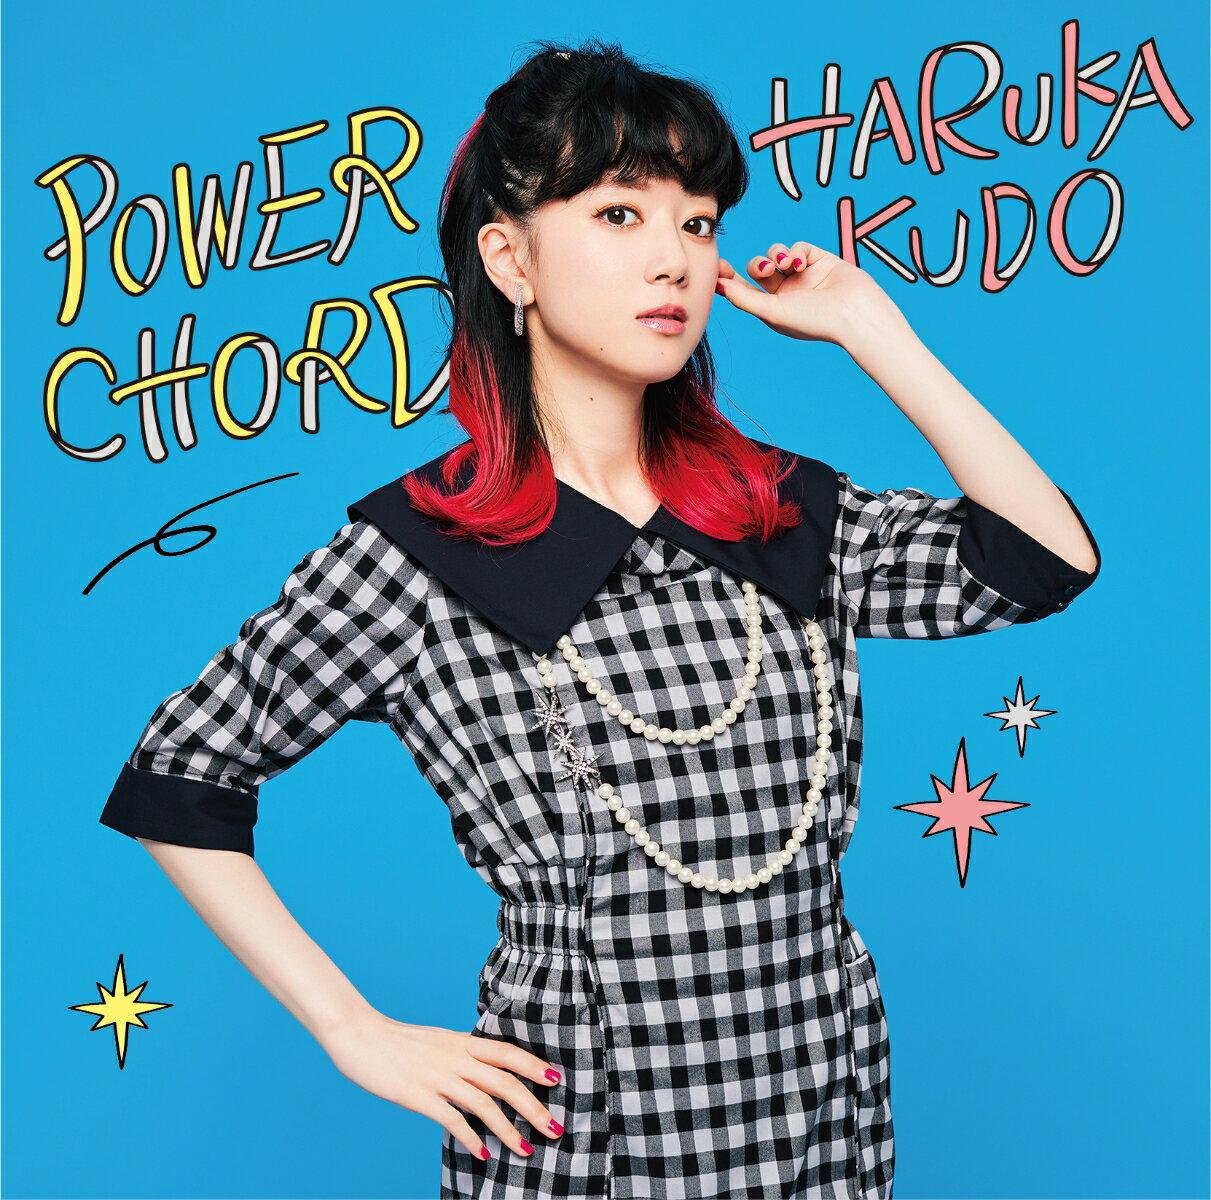 邦楽, ロック・ポップス POWER CHORD (Type-B CDM-CARD)